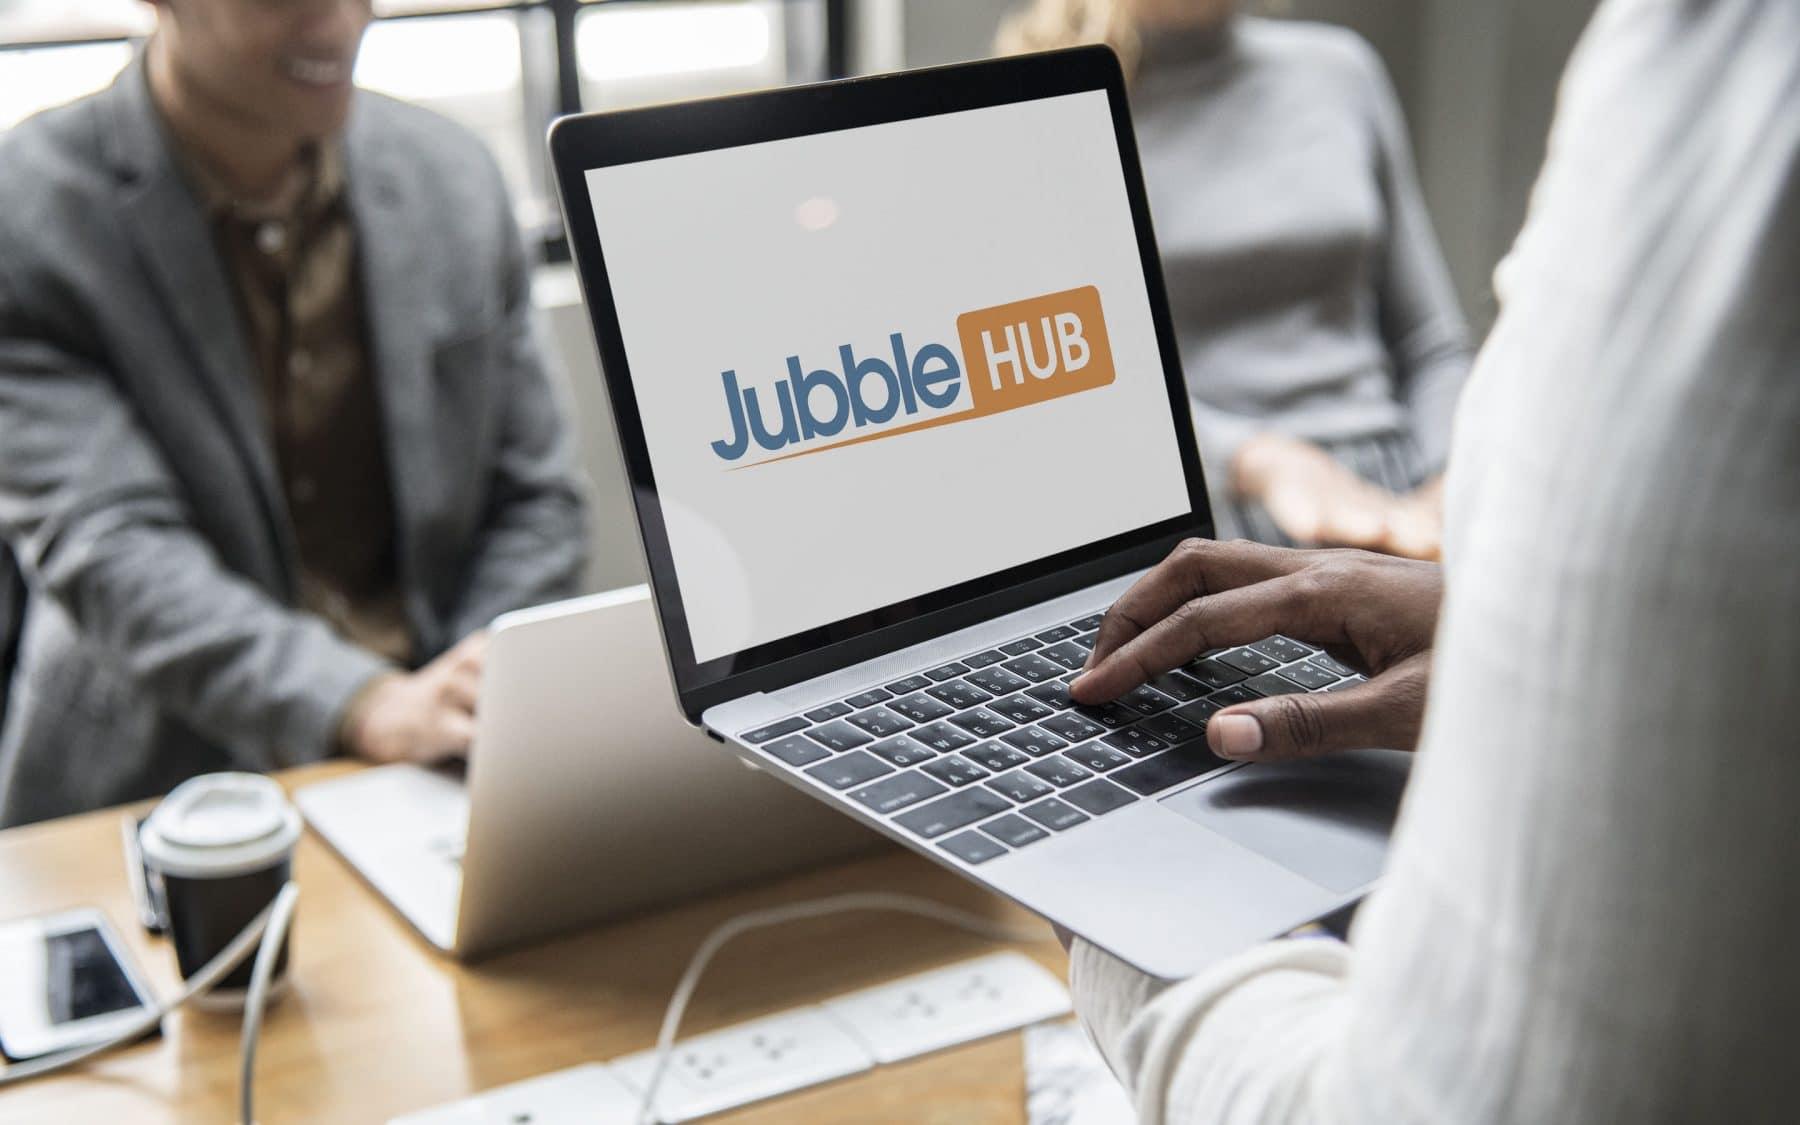 Jubblehub 2